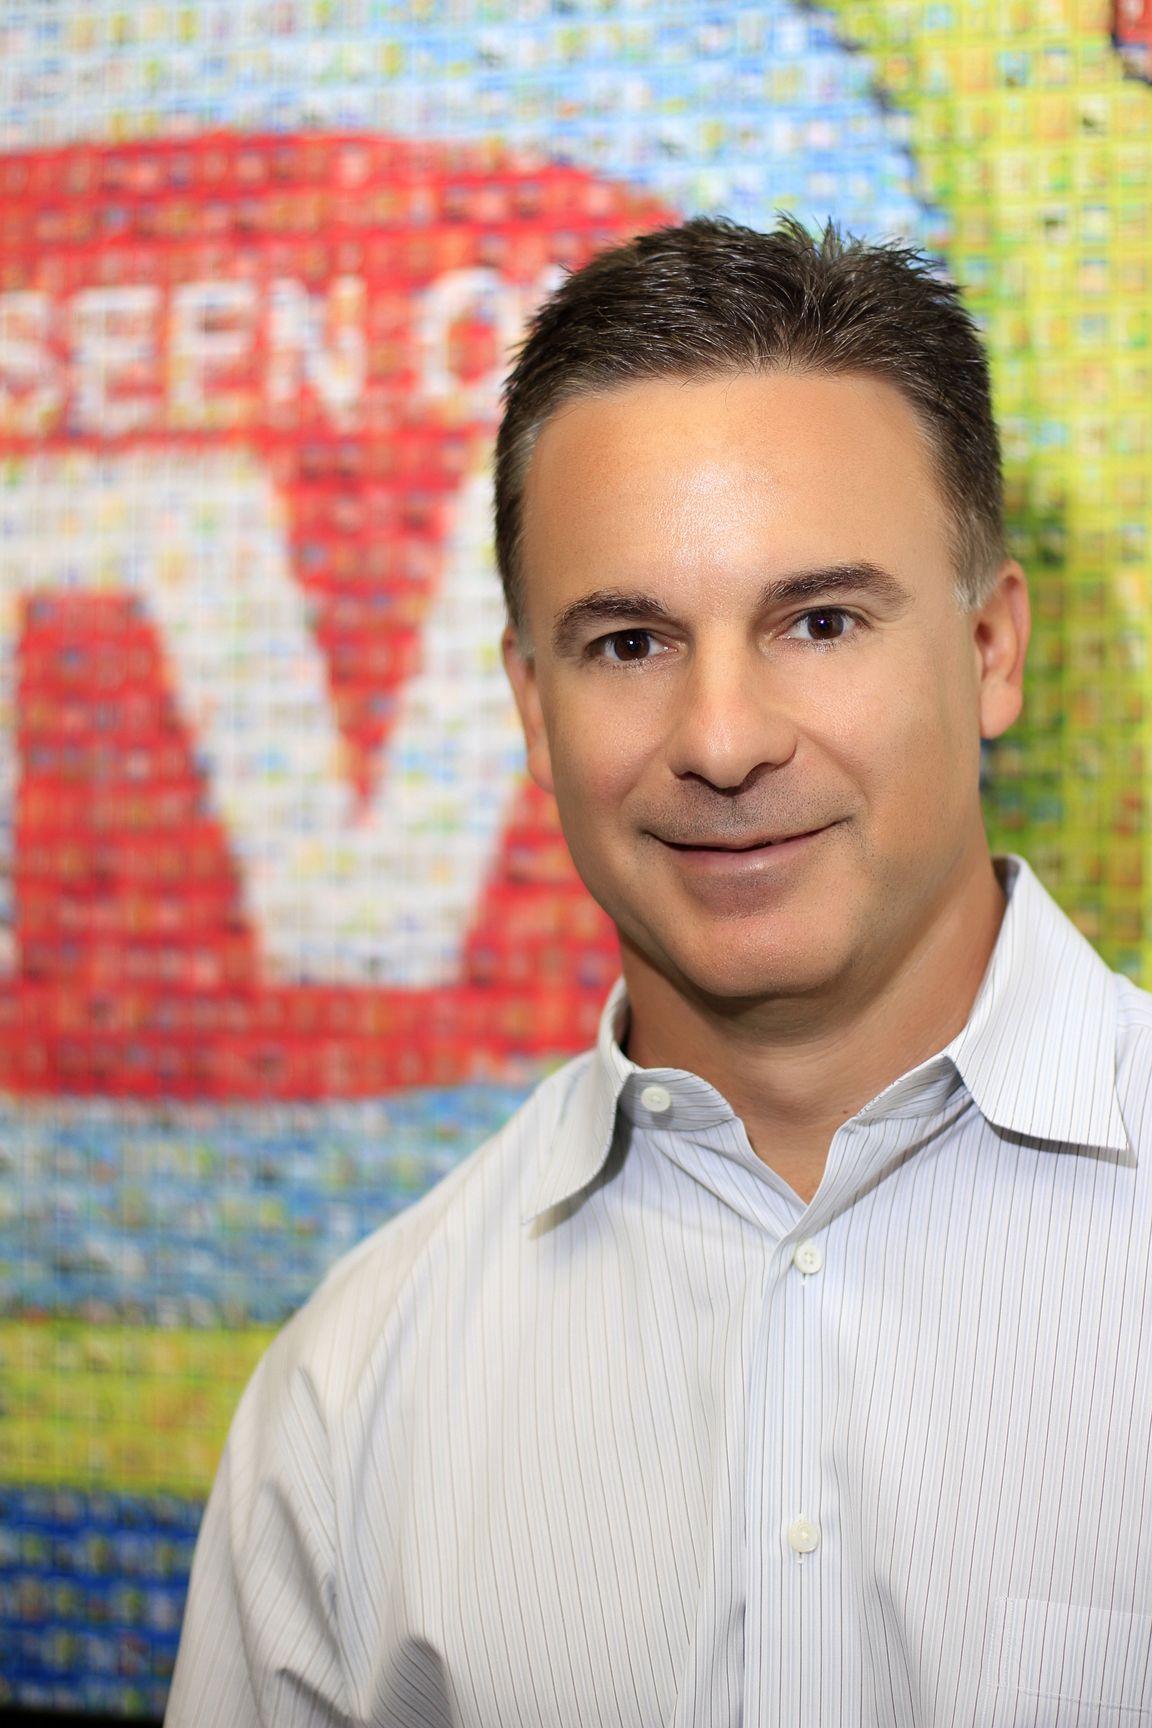 scott-boilen-executive-profile-pic-02